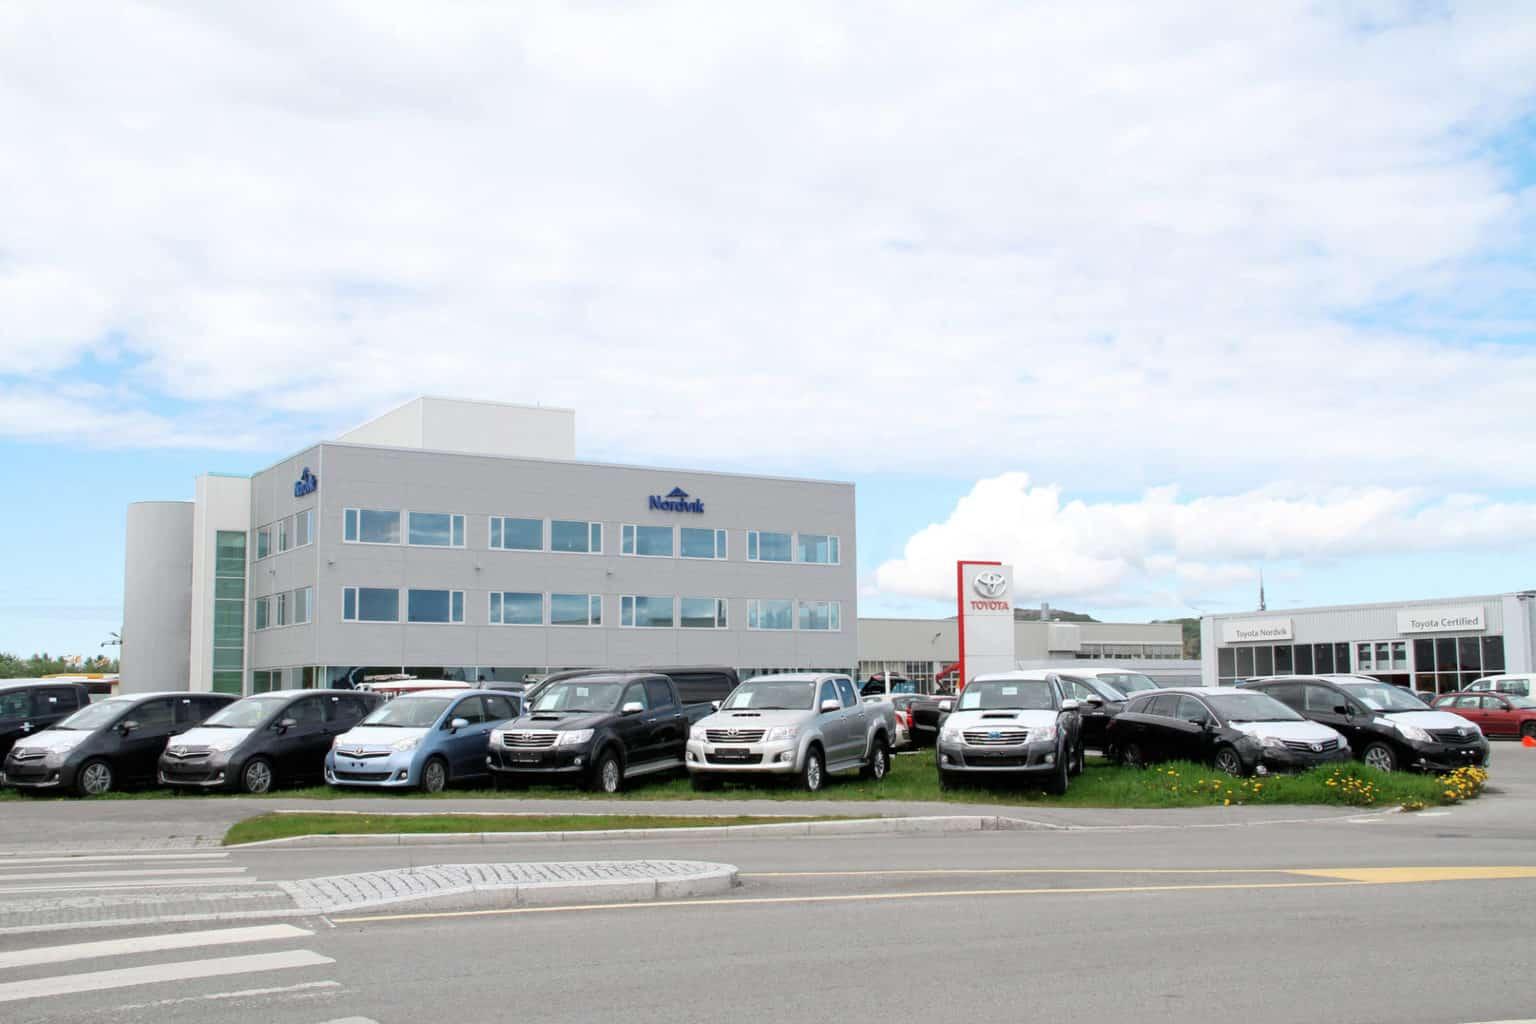 Administrasjonsbygget til Nordvik Gruppen i Bodø